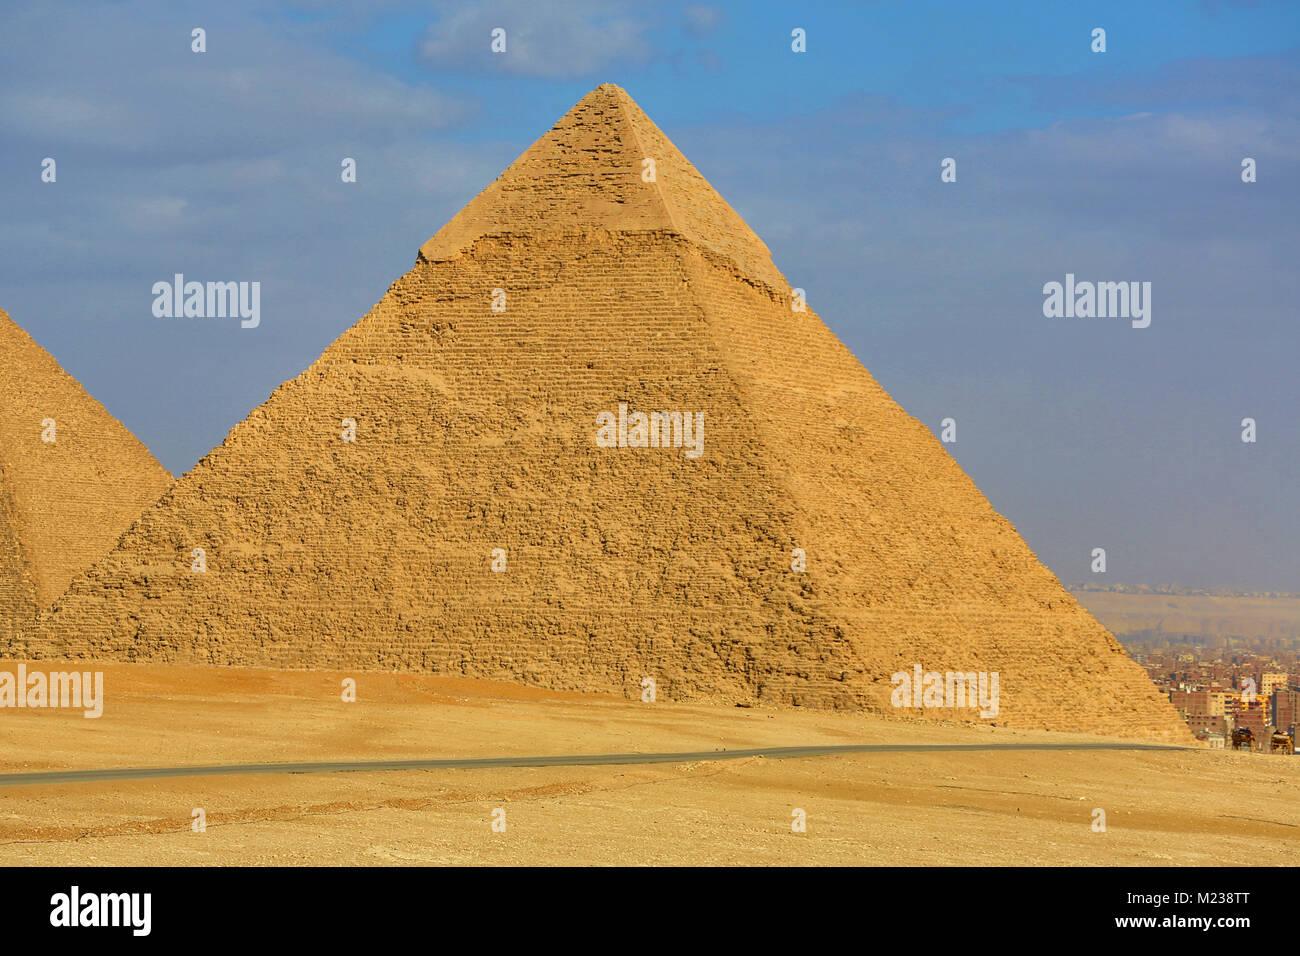 La piramide di Khafre (o Chephren) sull'Altopiano di Giza, il Cairo, Egitto Immagini Stock